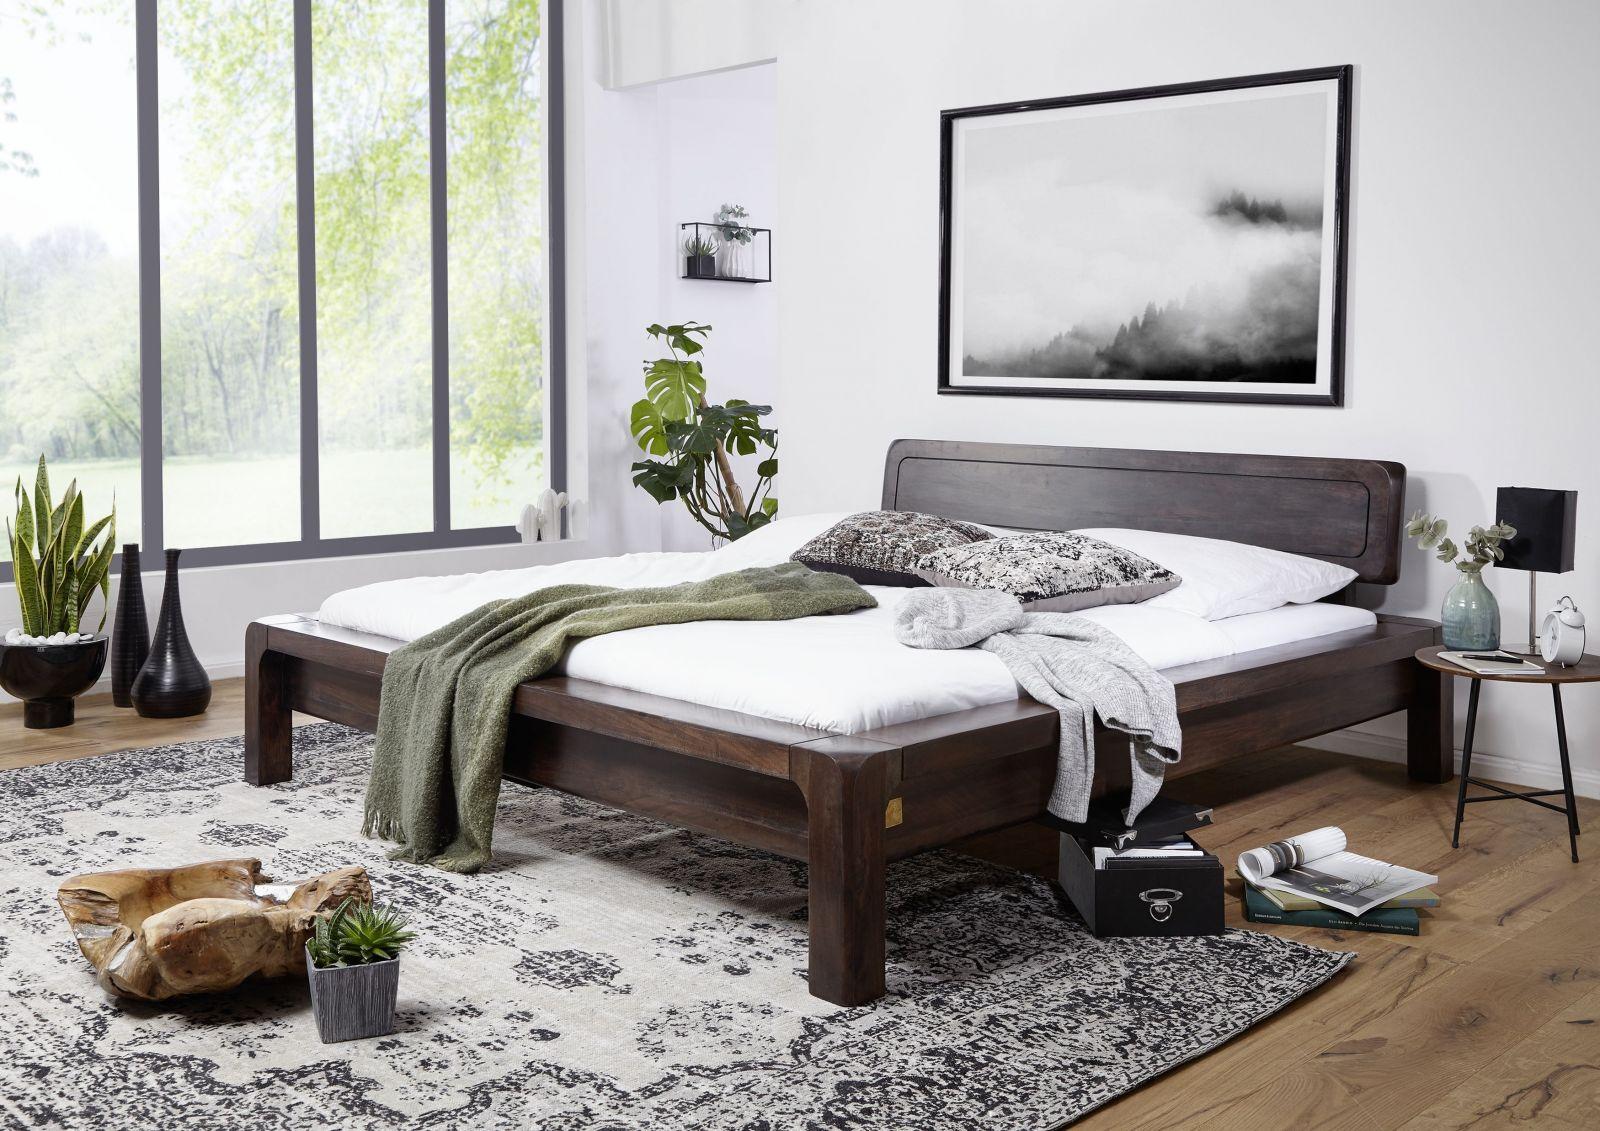 Full Size of Bett Modern Aus Akazie Holz Gelt Grau Wildeiche 120 Cm Breit Schwarzes Japanisches Ebay Betten 180x200 Weiß 140x200 Test Ausgefallene Kopfteil Für Wohnzimmer Bett Modern